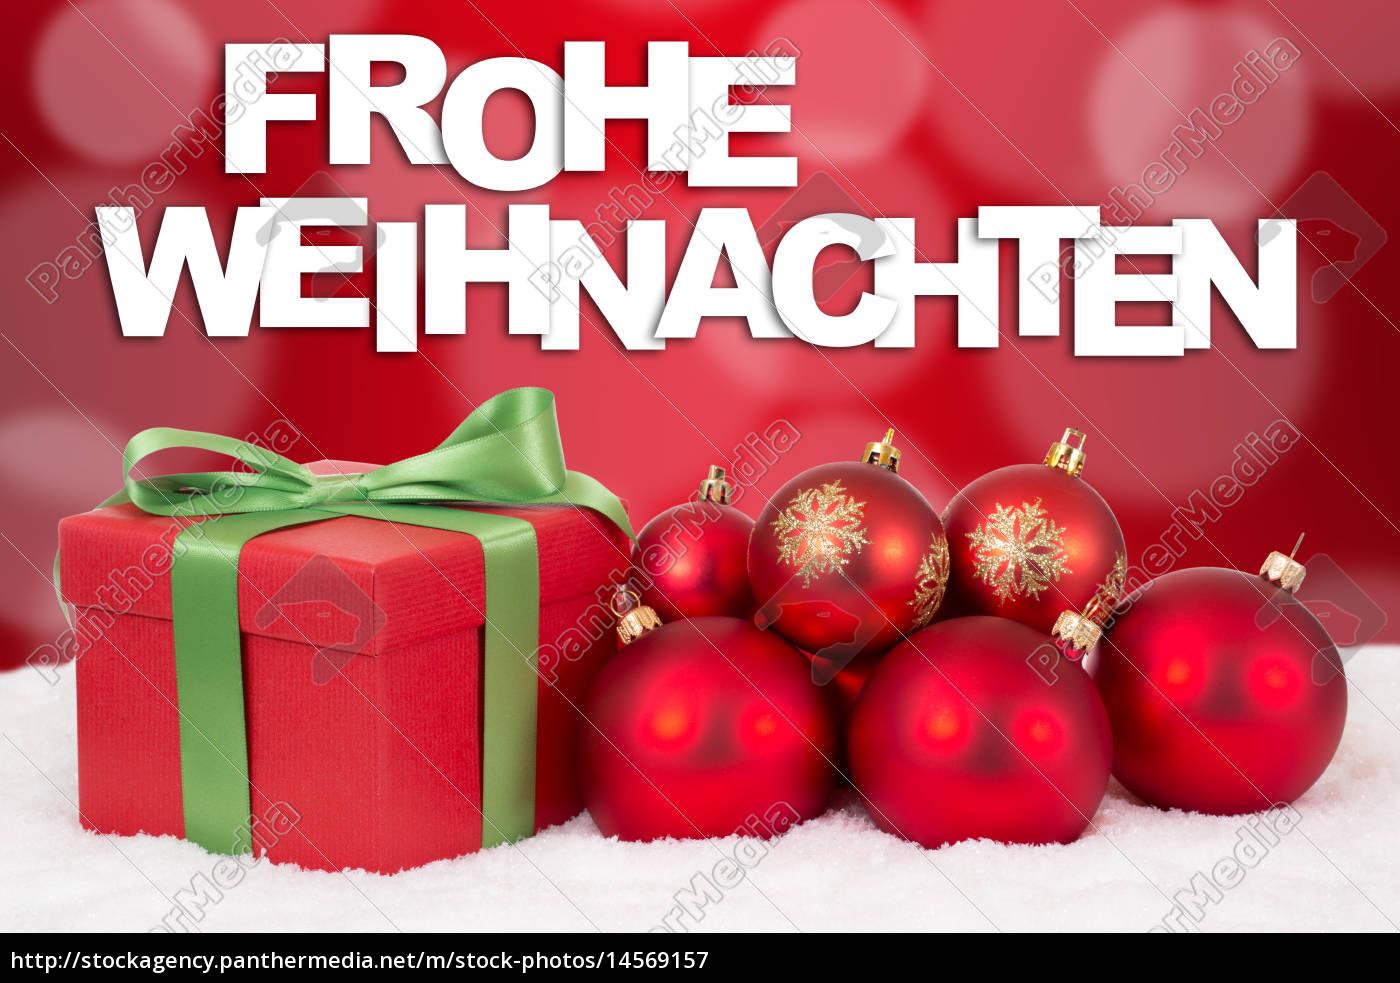 Frohe Weihnachten Hindi.Lizenzfreies Bild 14569157 Frohe Weihnachten Weihnachtskarte Weihnachtsgeschenke Geschenke